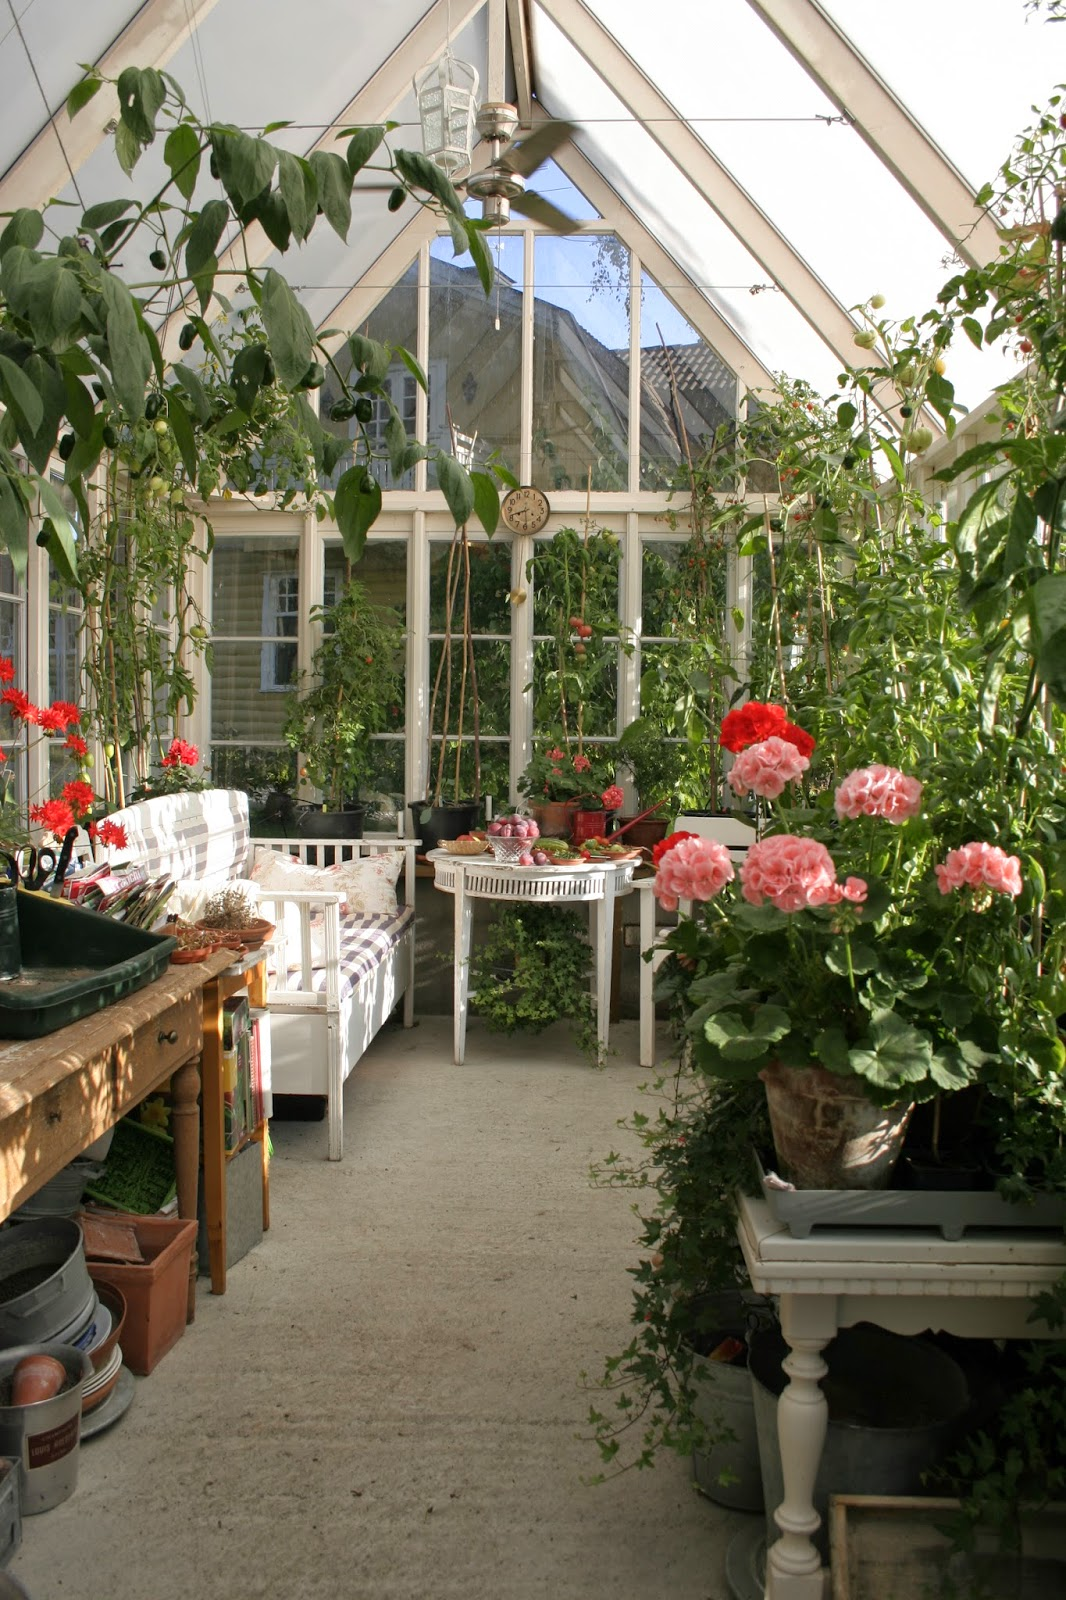 Köksträdgården: bygga växthuskurs i september